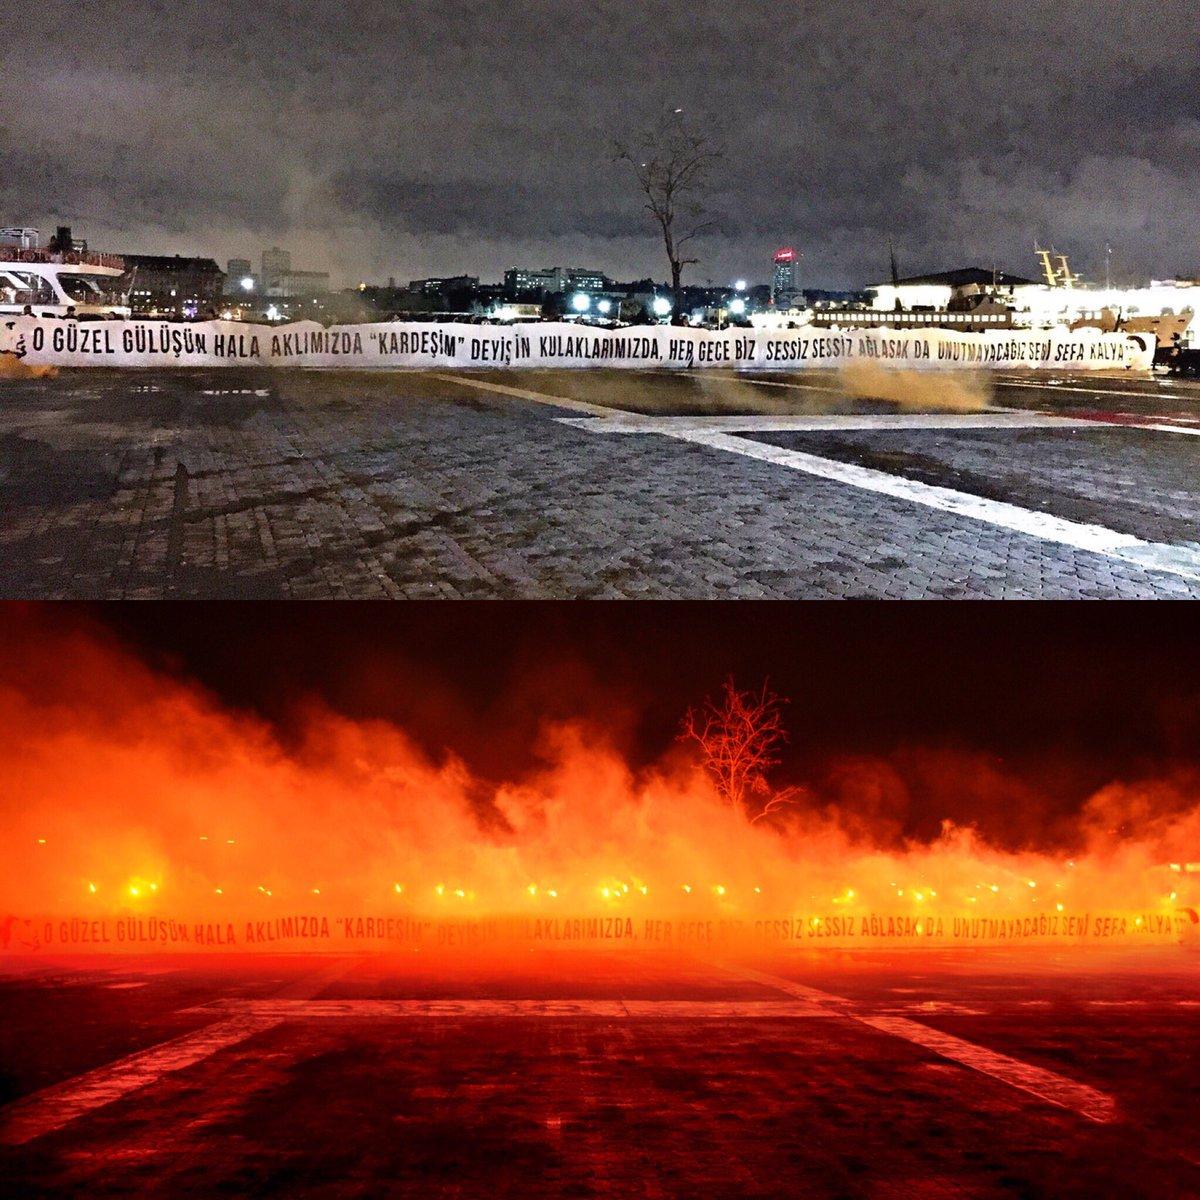 RT @unigfborg: Ateşlerde yanmak gibi bir şey, seni severken sensiz olmak... https://t.co/9tyBFbIZqg